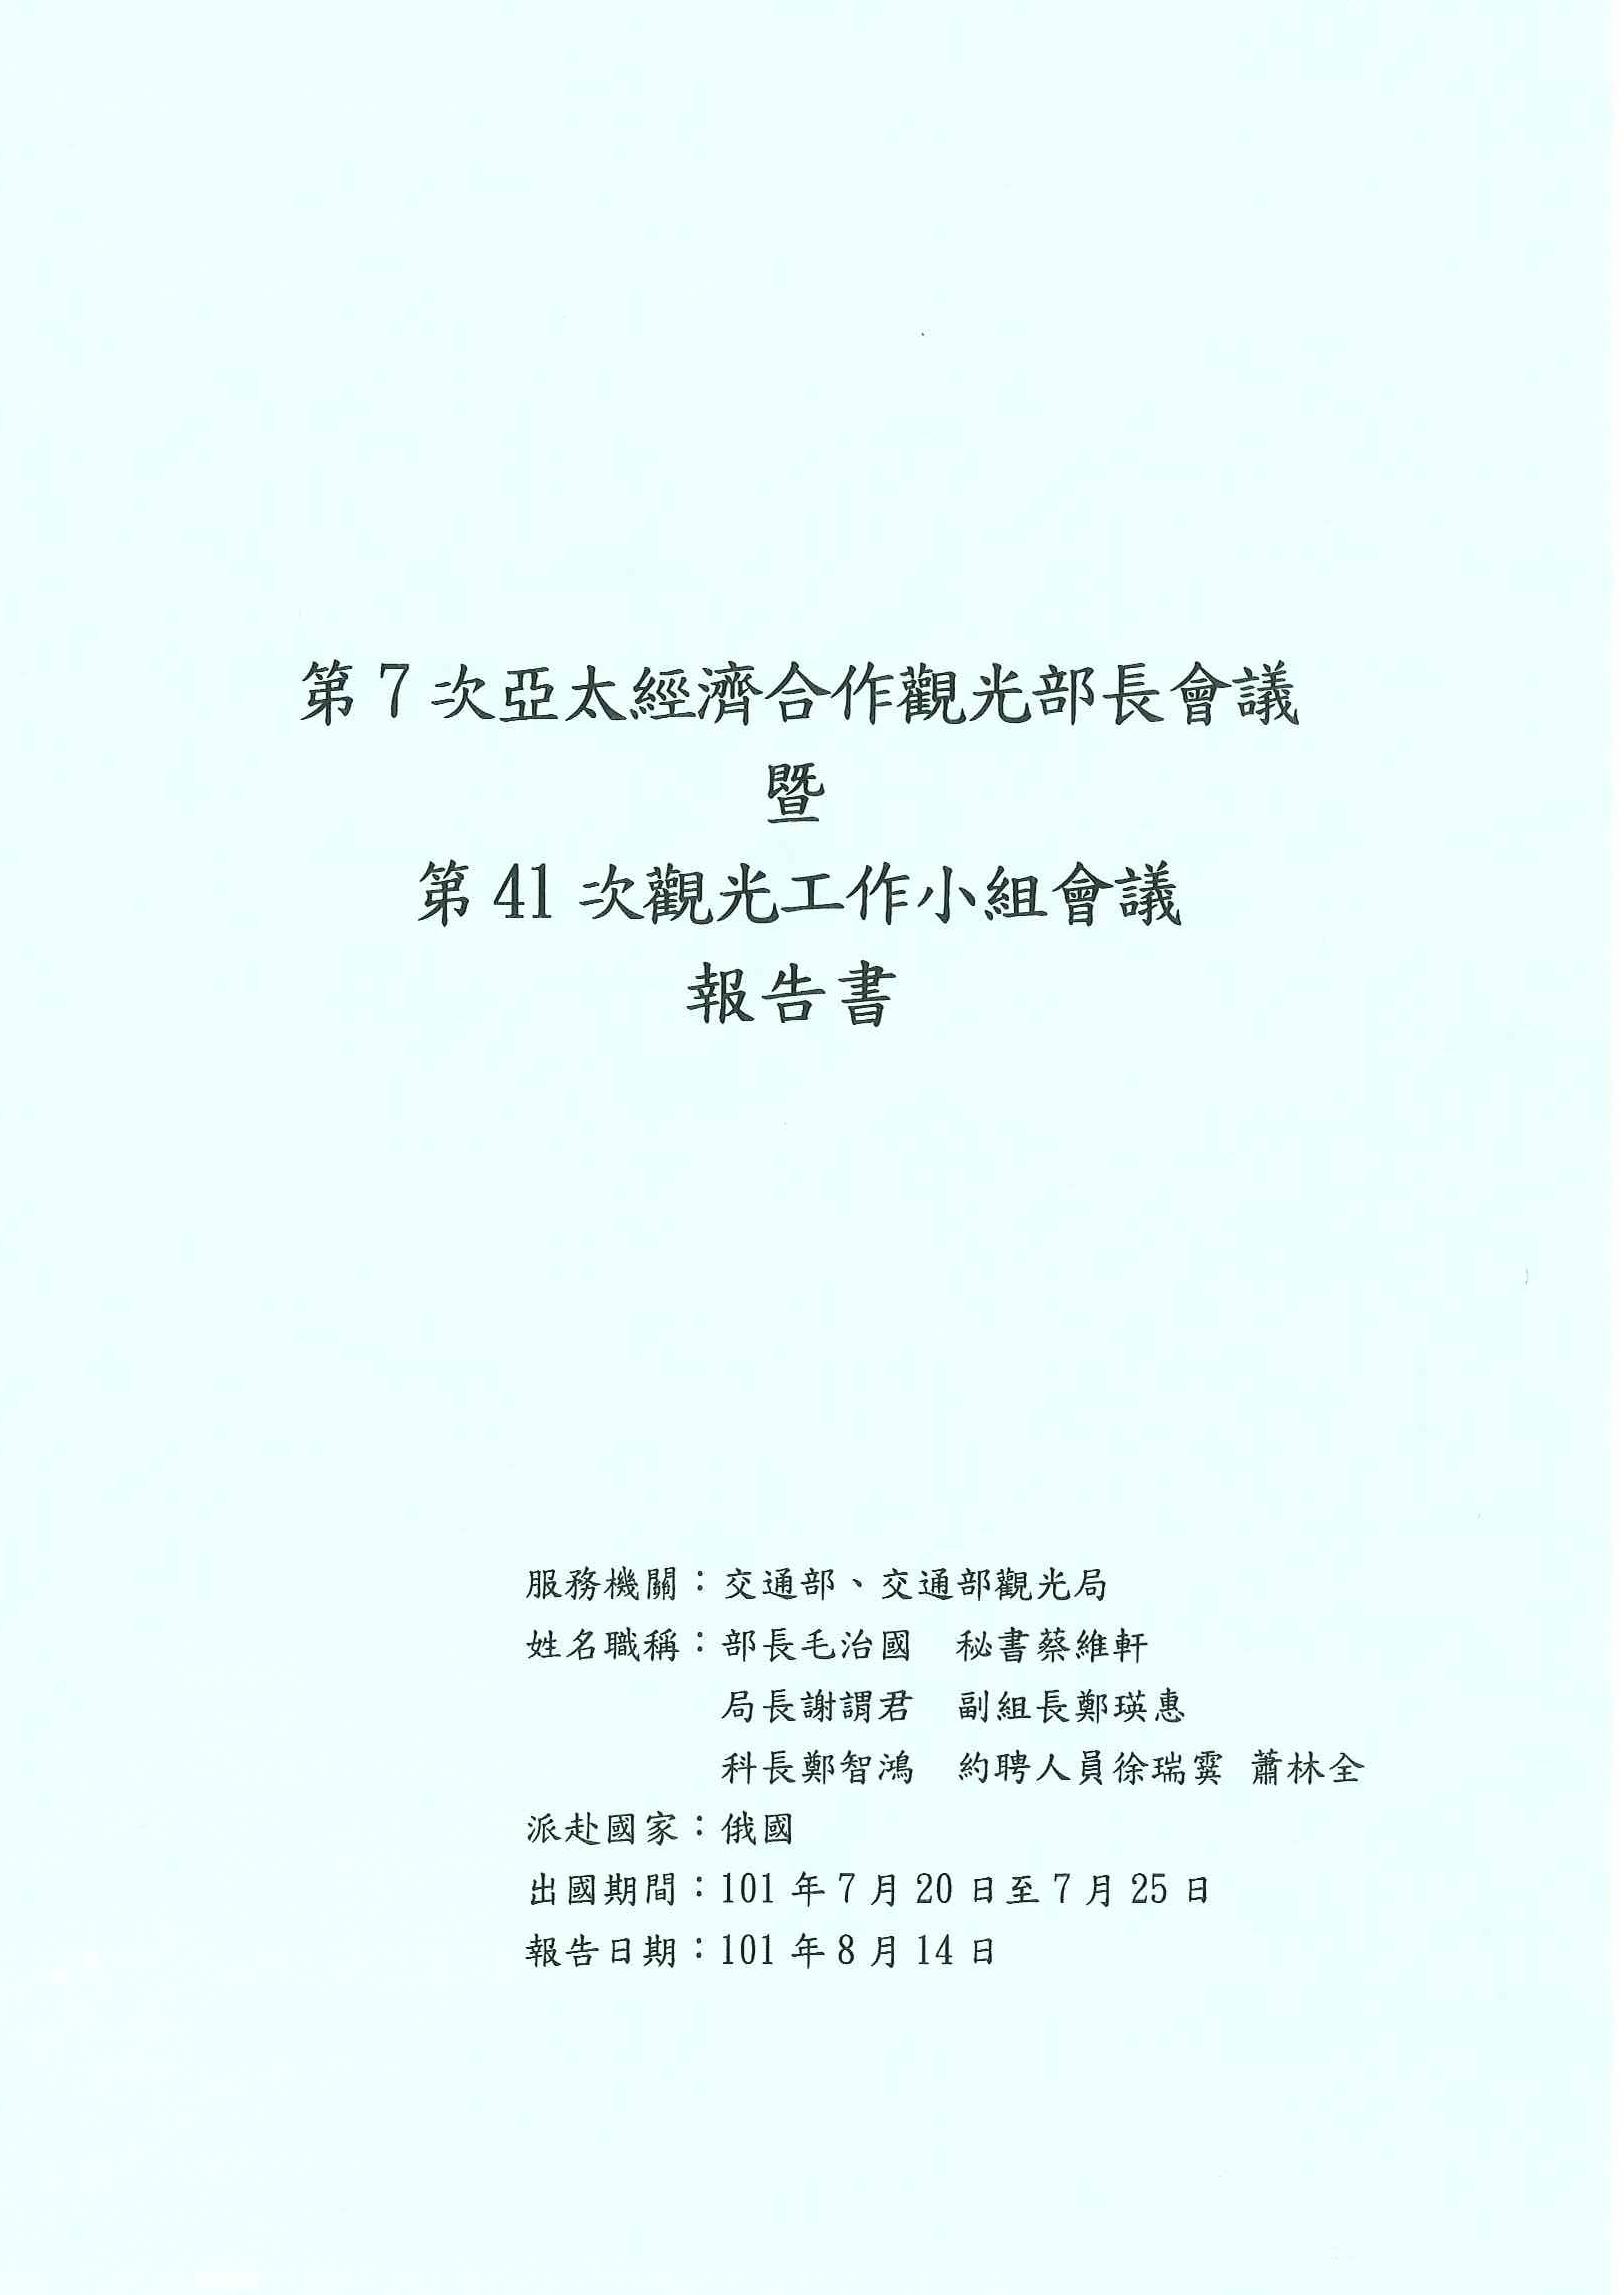 第7次亞太經濟合作觀光部長會議暨第41次觀光工作小組會議報告書